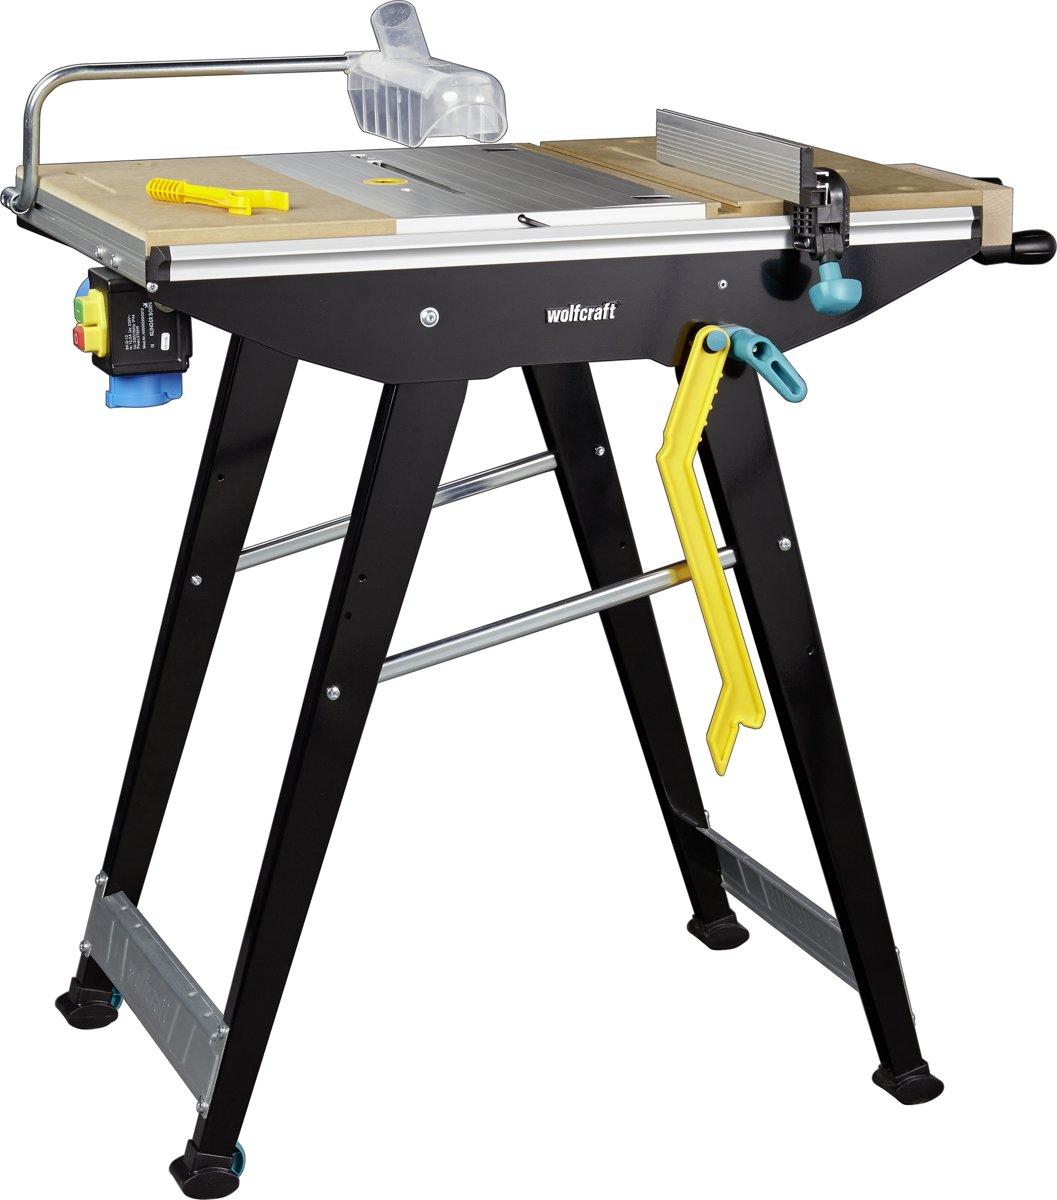 wolfcraft werk- en machinetafel Master cut 1500 artikel 6906000 kopen